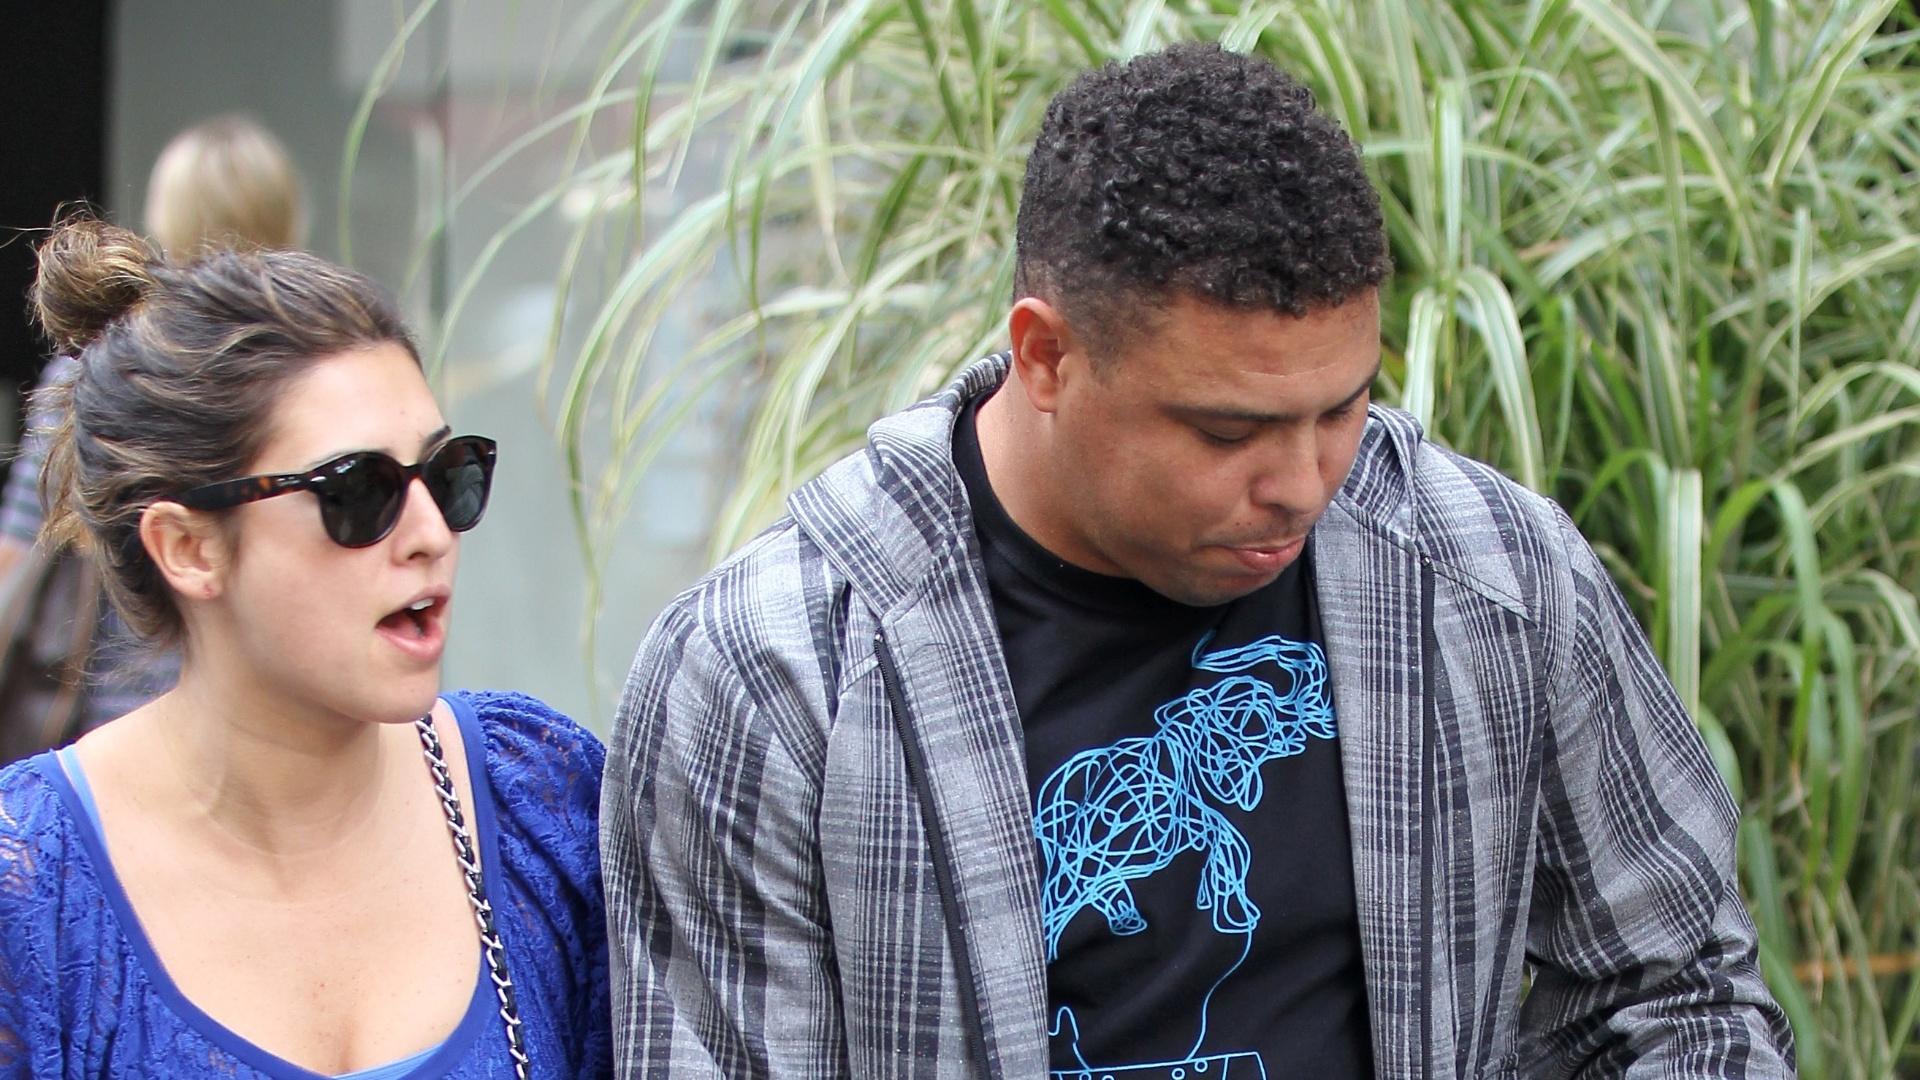 Ronaldo e Fernanda Paes Leme passeiam pelas ruas de Nova York (19/9/11)